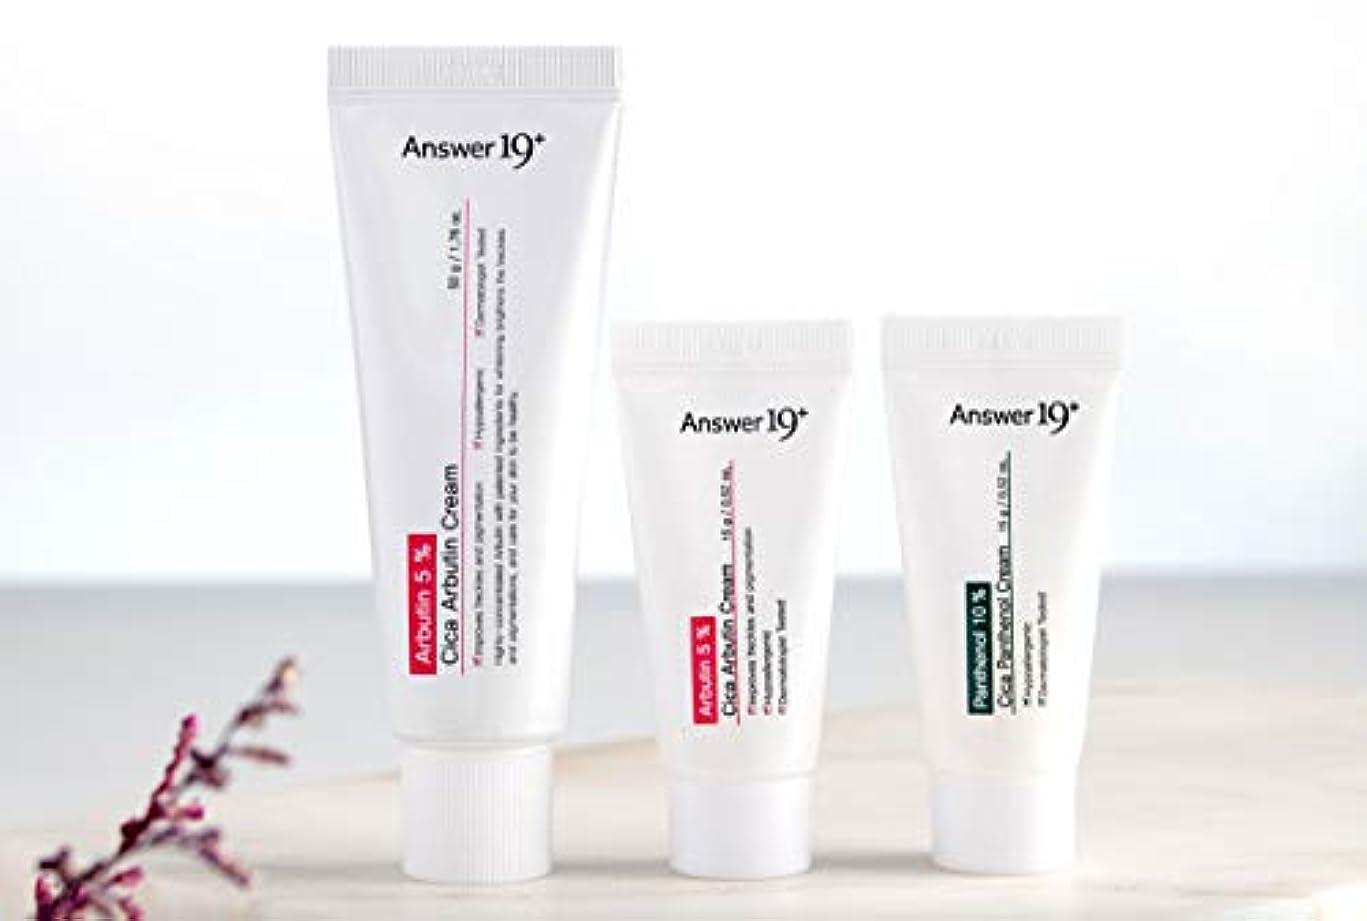 マージンに対応する阻害するCICAアルブチンクリームセット(50g + 15g + 15g) - アルブチン5%、保湿